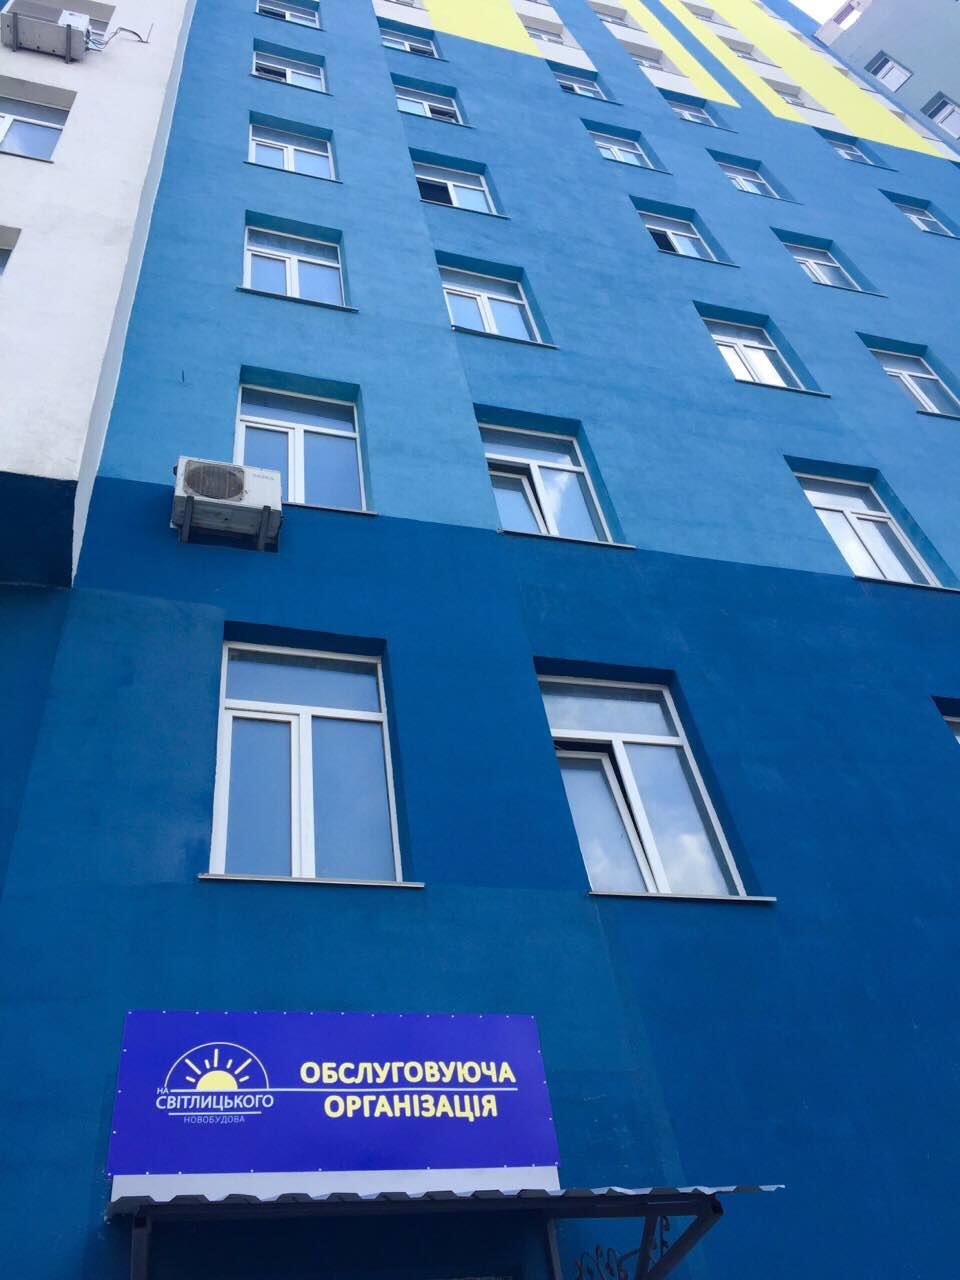 Актуальная информация о ходе строительства ЖК «На Светлицкого, 35»